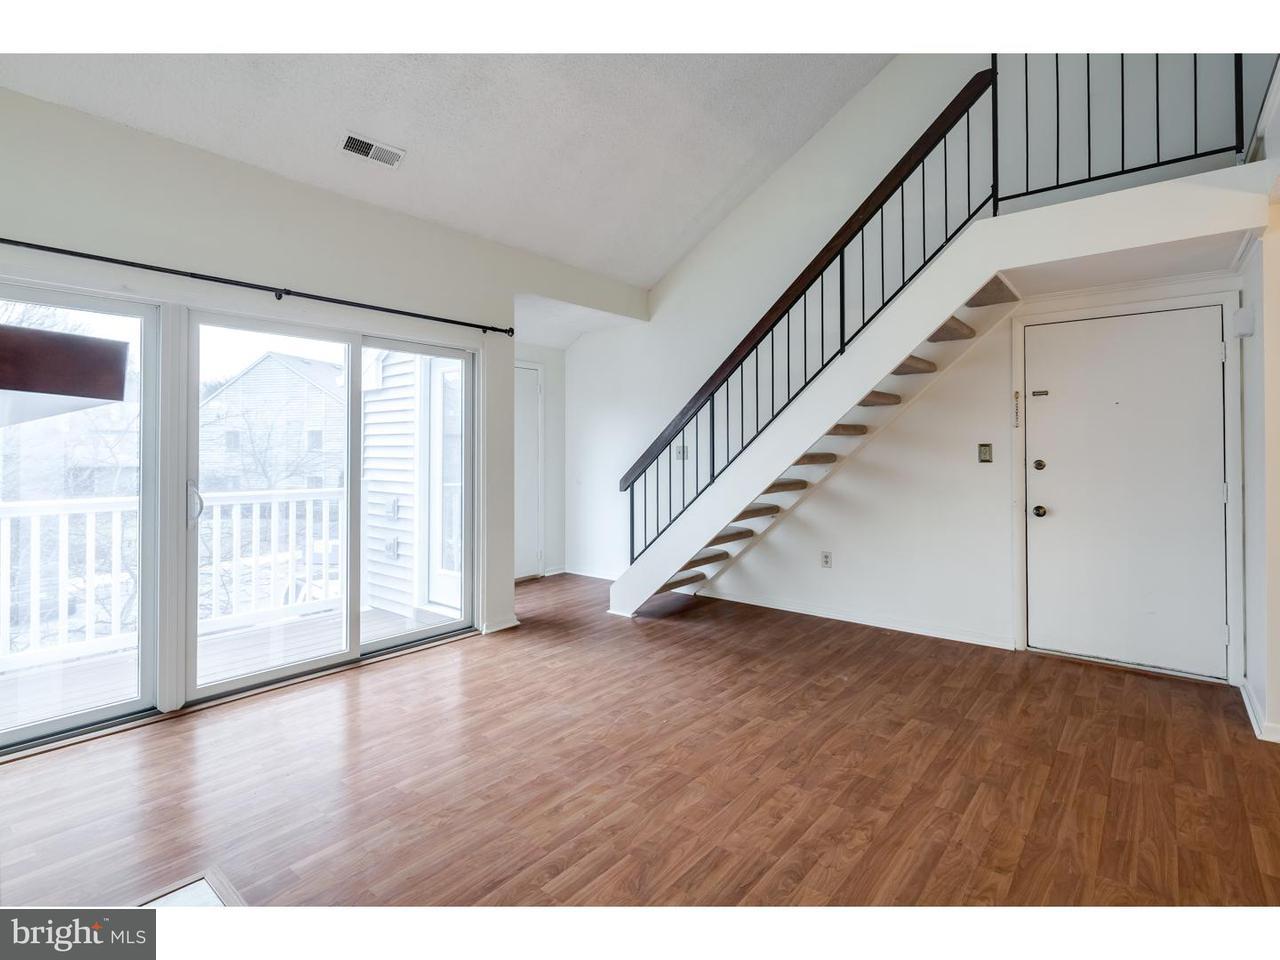 Maison unifamiliale pour l à louer à 7714 TAMARRON Drive Plainsboro, New Jersey 08536 États-UnisDans/Autour: Plainsboro Township